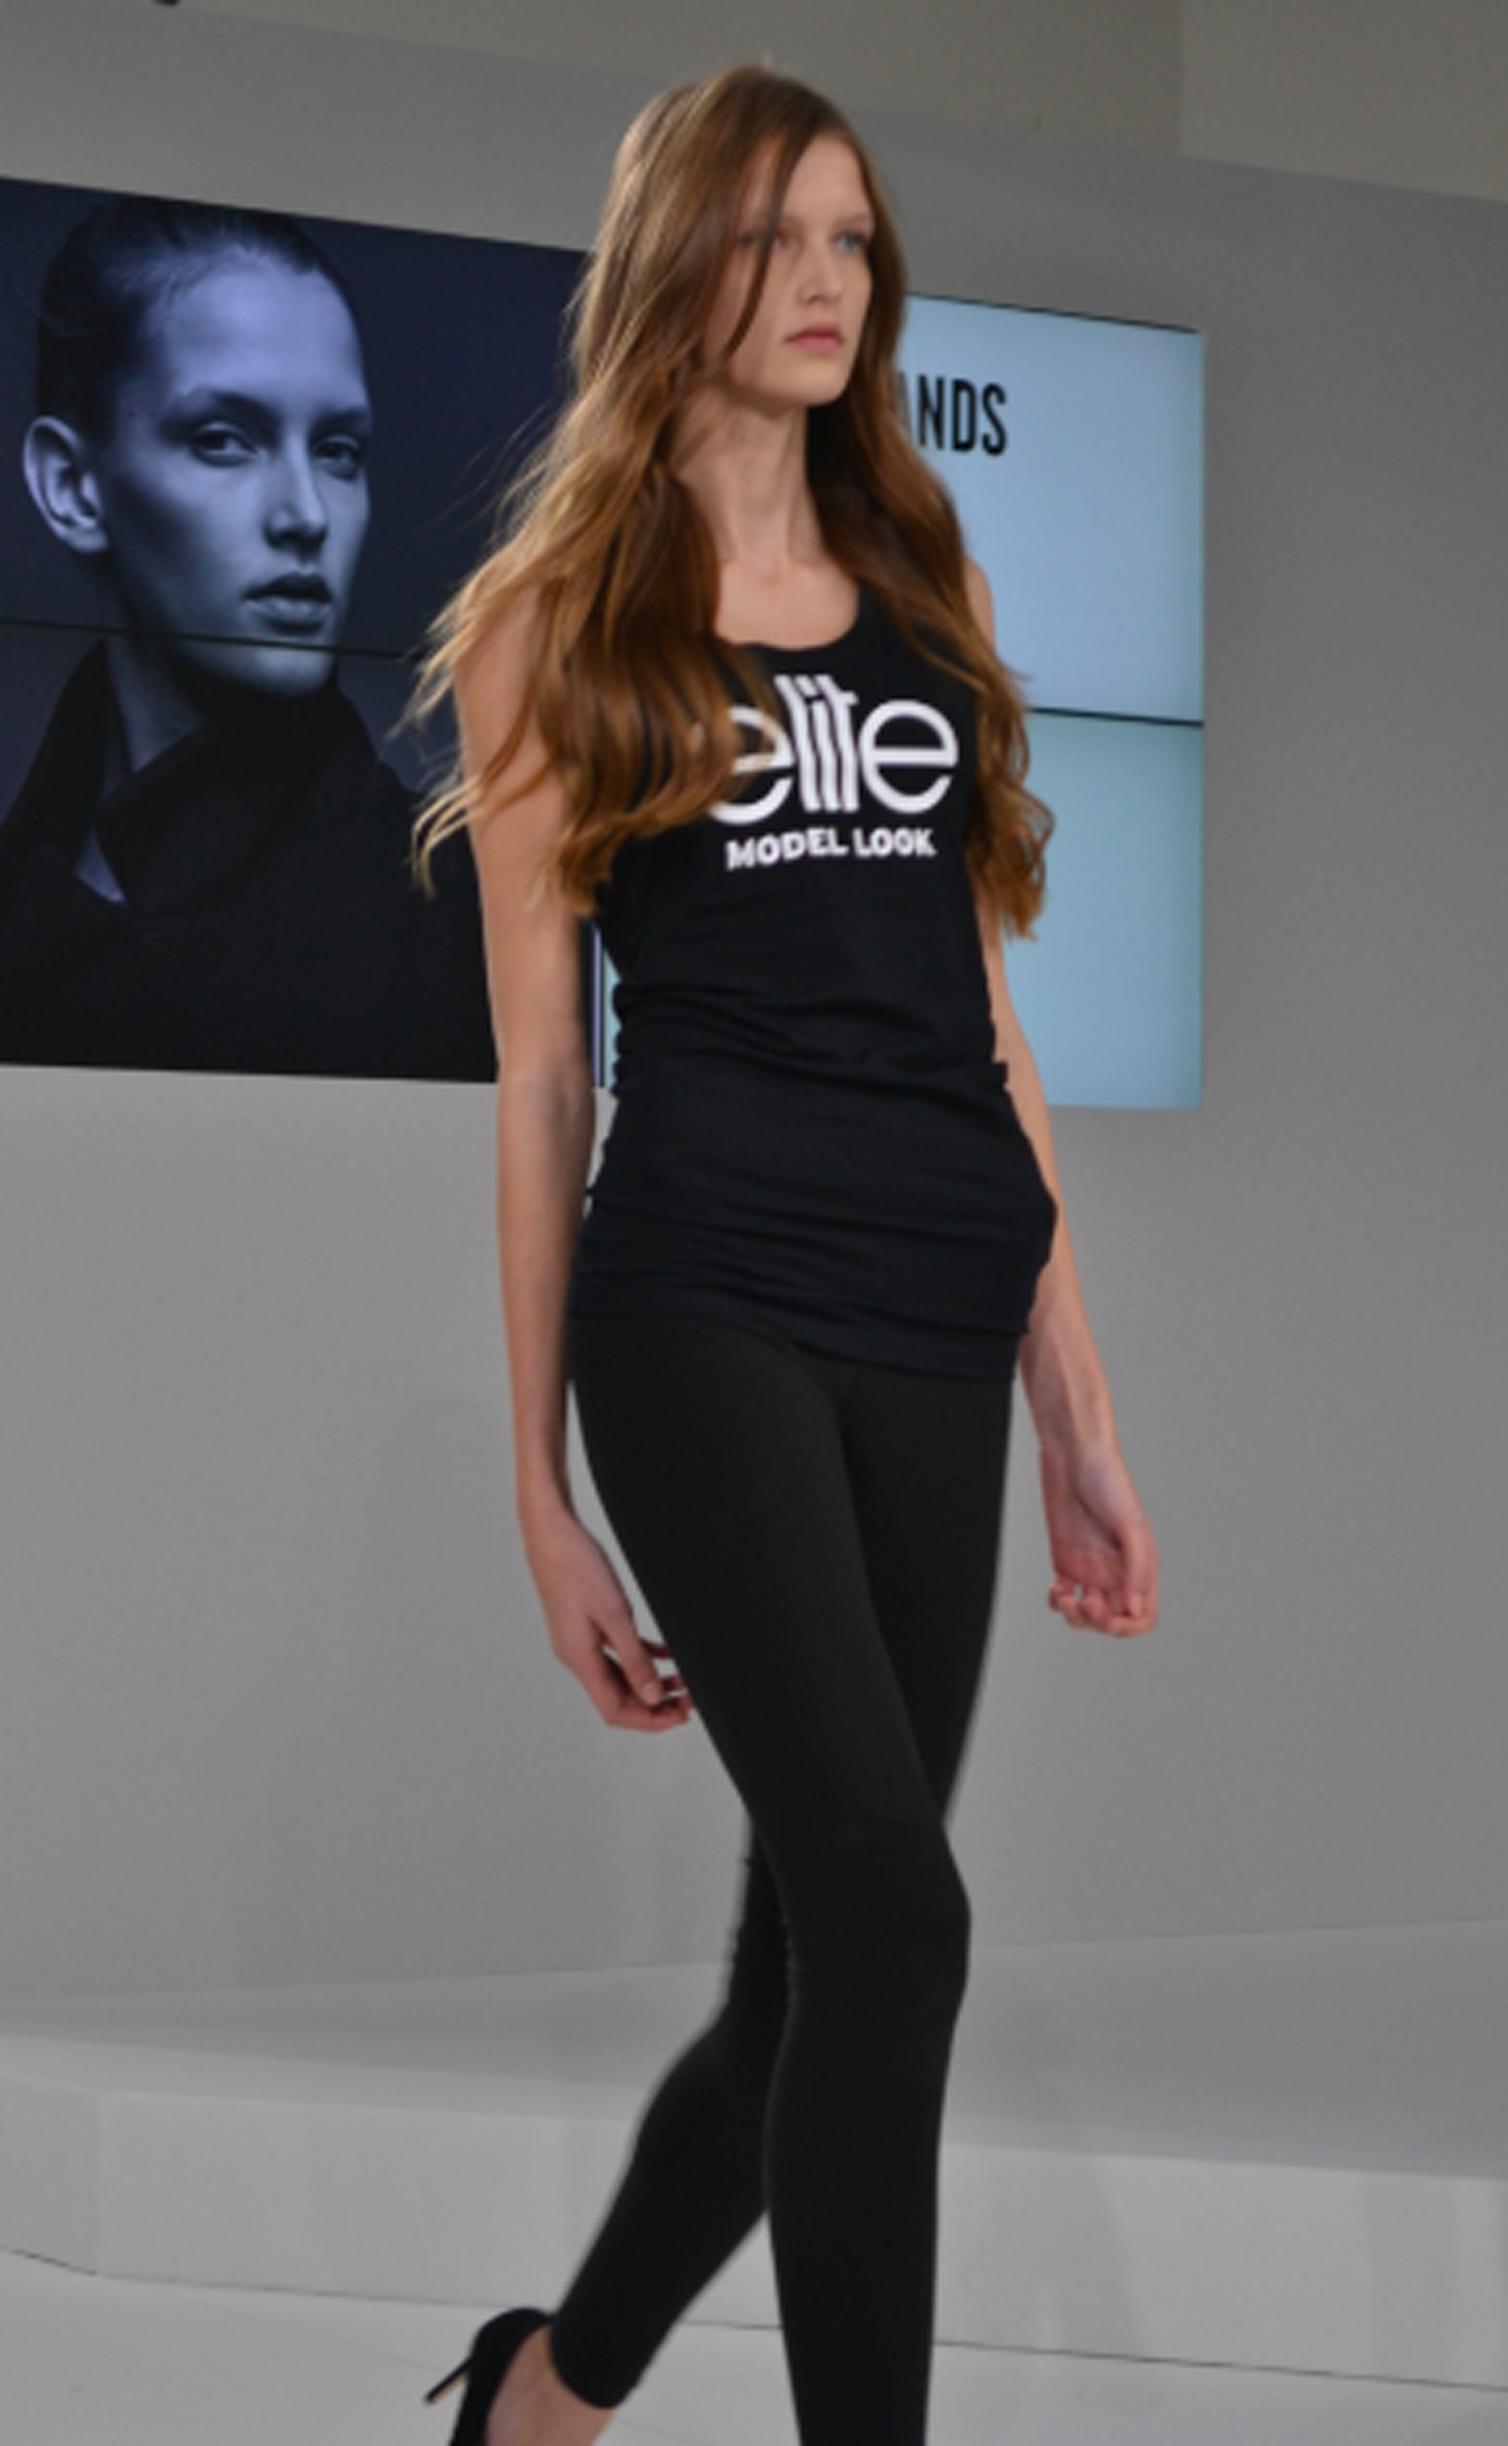 Anouk (Pays-Bas), la gagnante du concours catégorie Filles